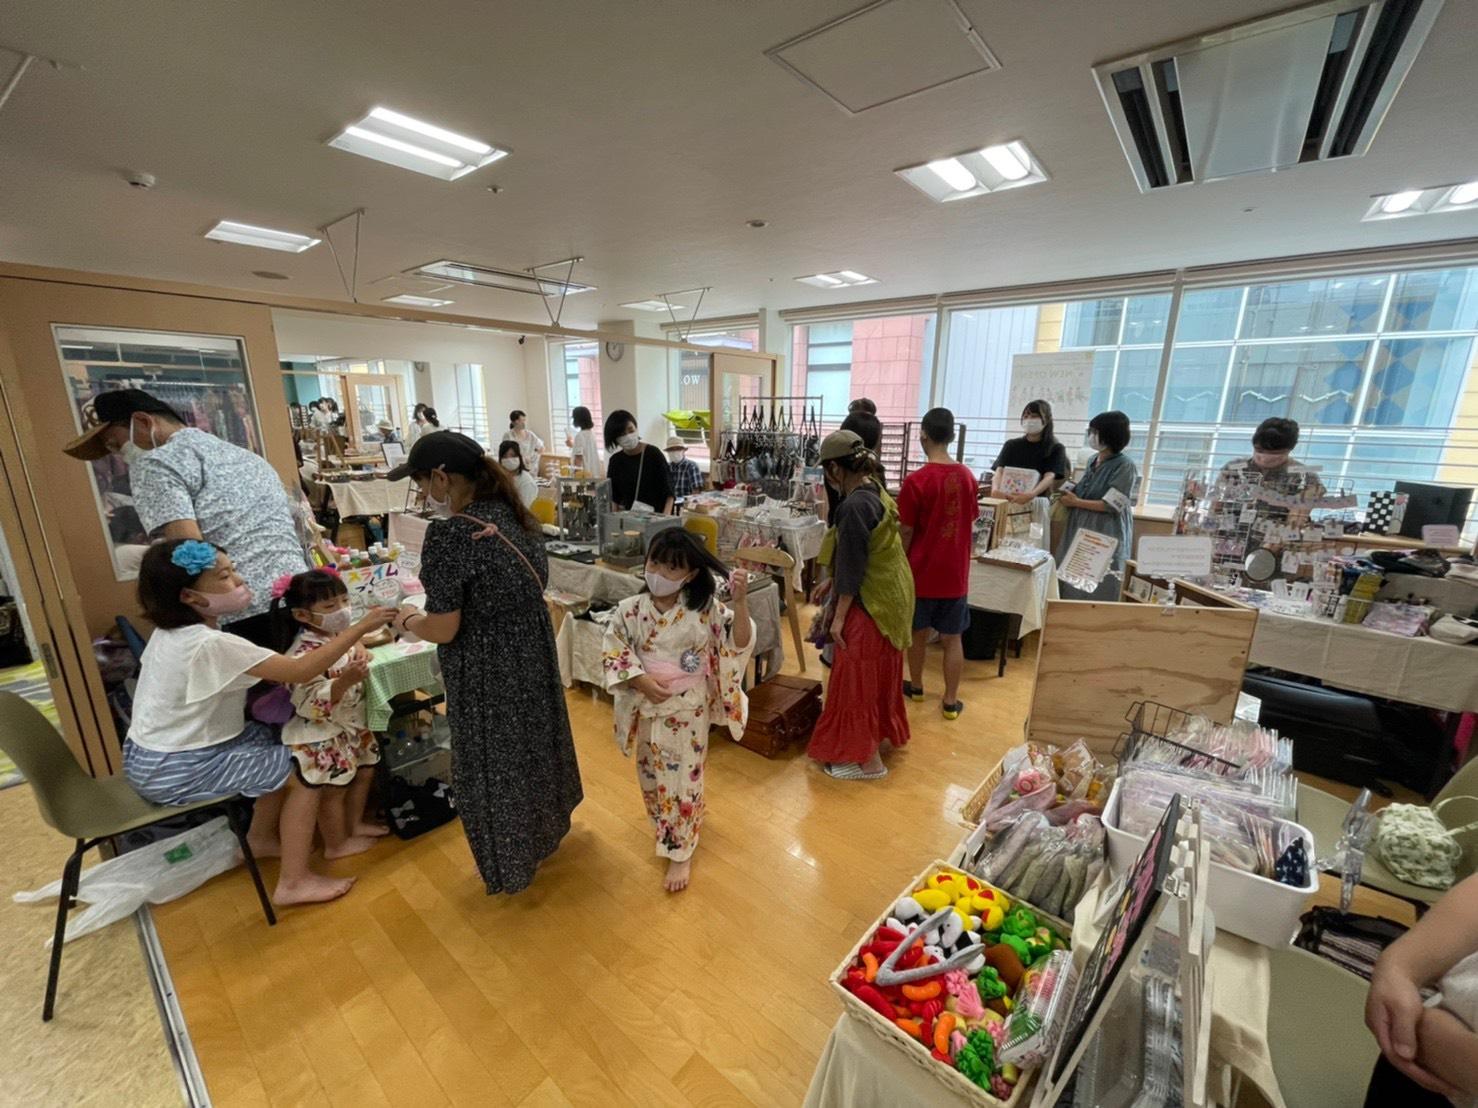 ららぽーとTOKYO-BAYの学童施設で『ふなばし子どもマルシェ』開催!  足育や子ども店長、ハンドメイド作品など盛りだくさん。